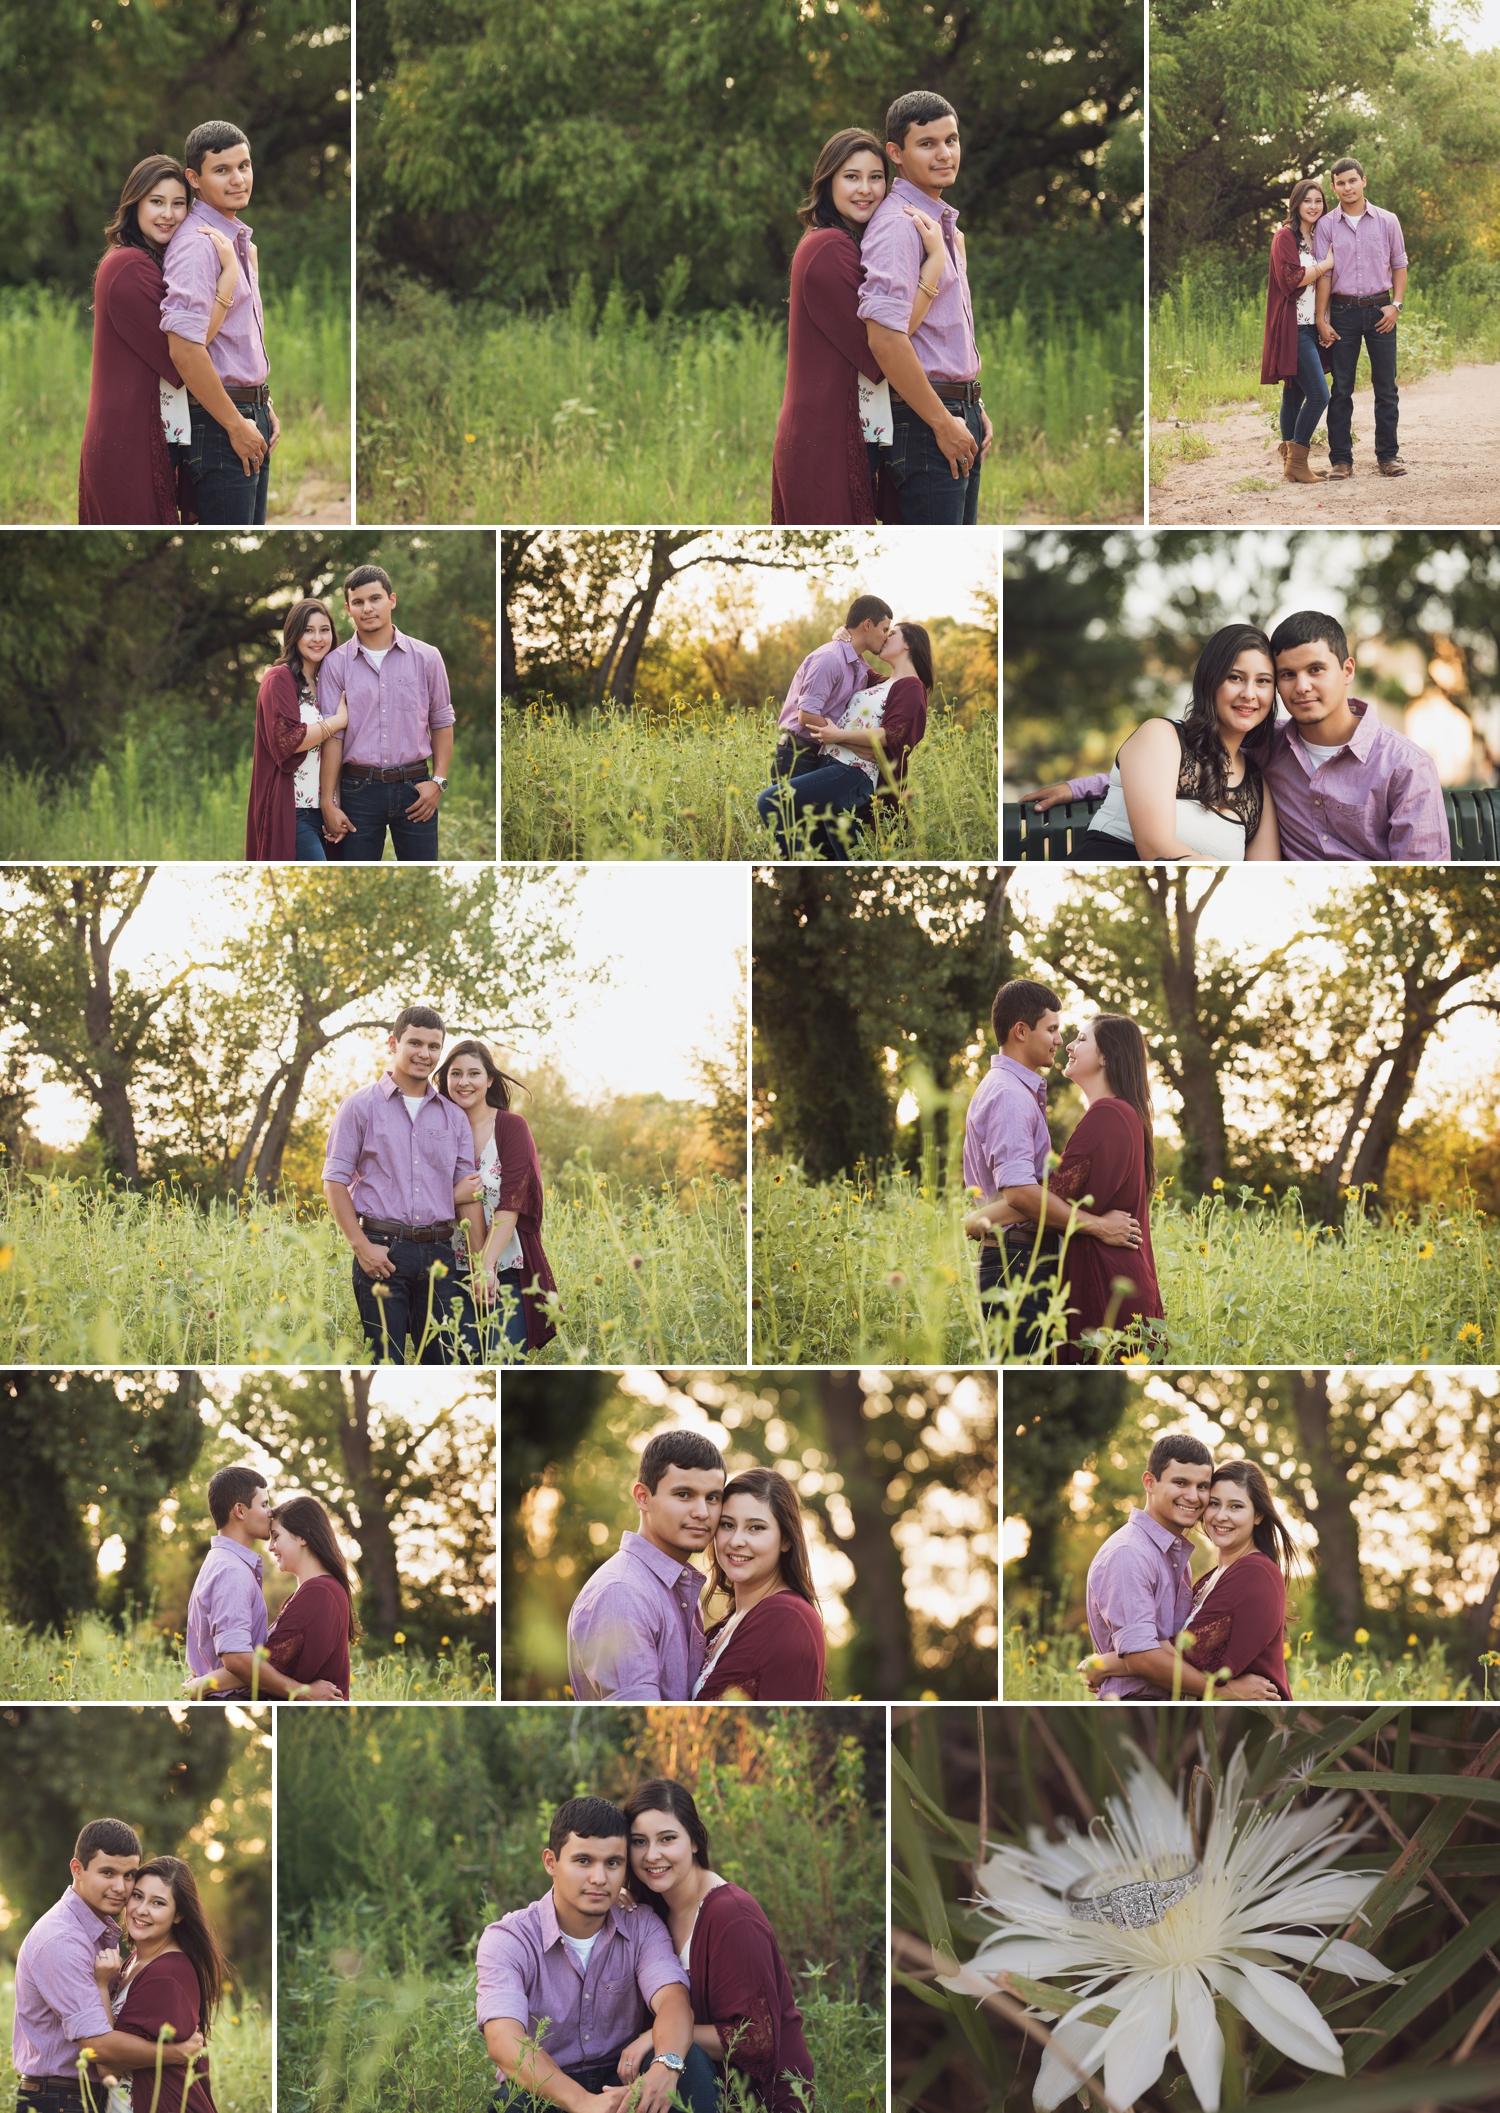 southwest-kansas-engagement-photography 1.jpg